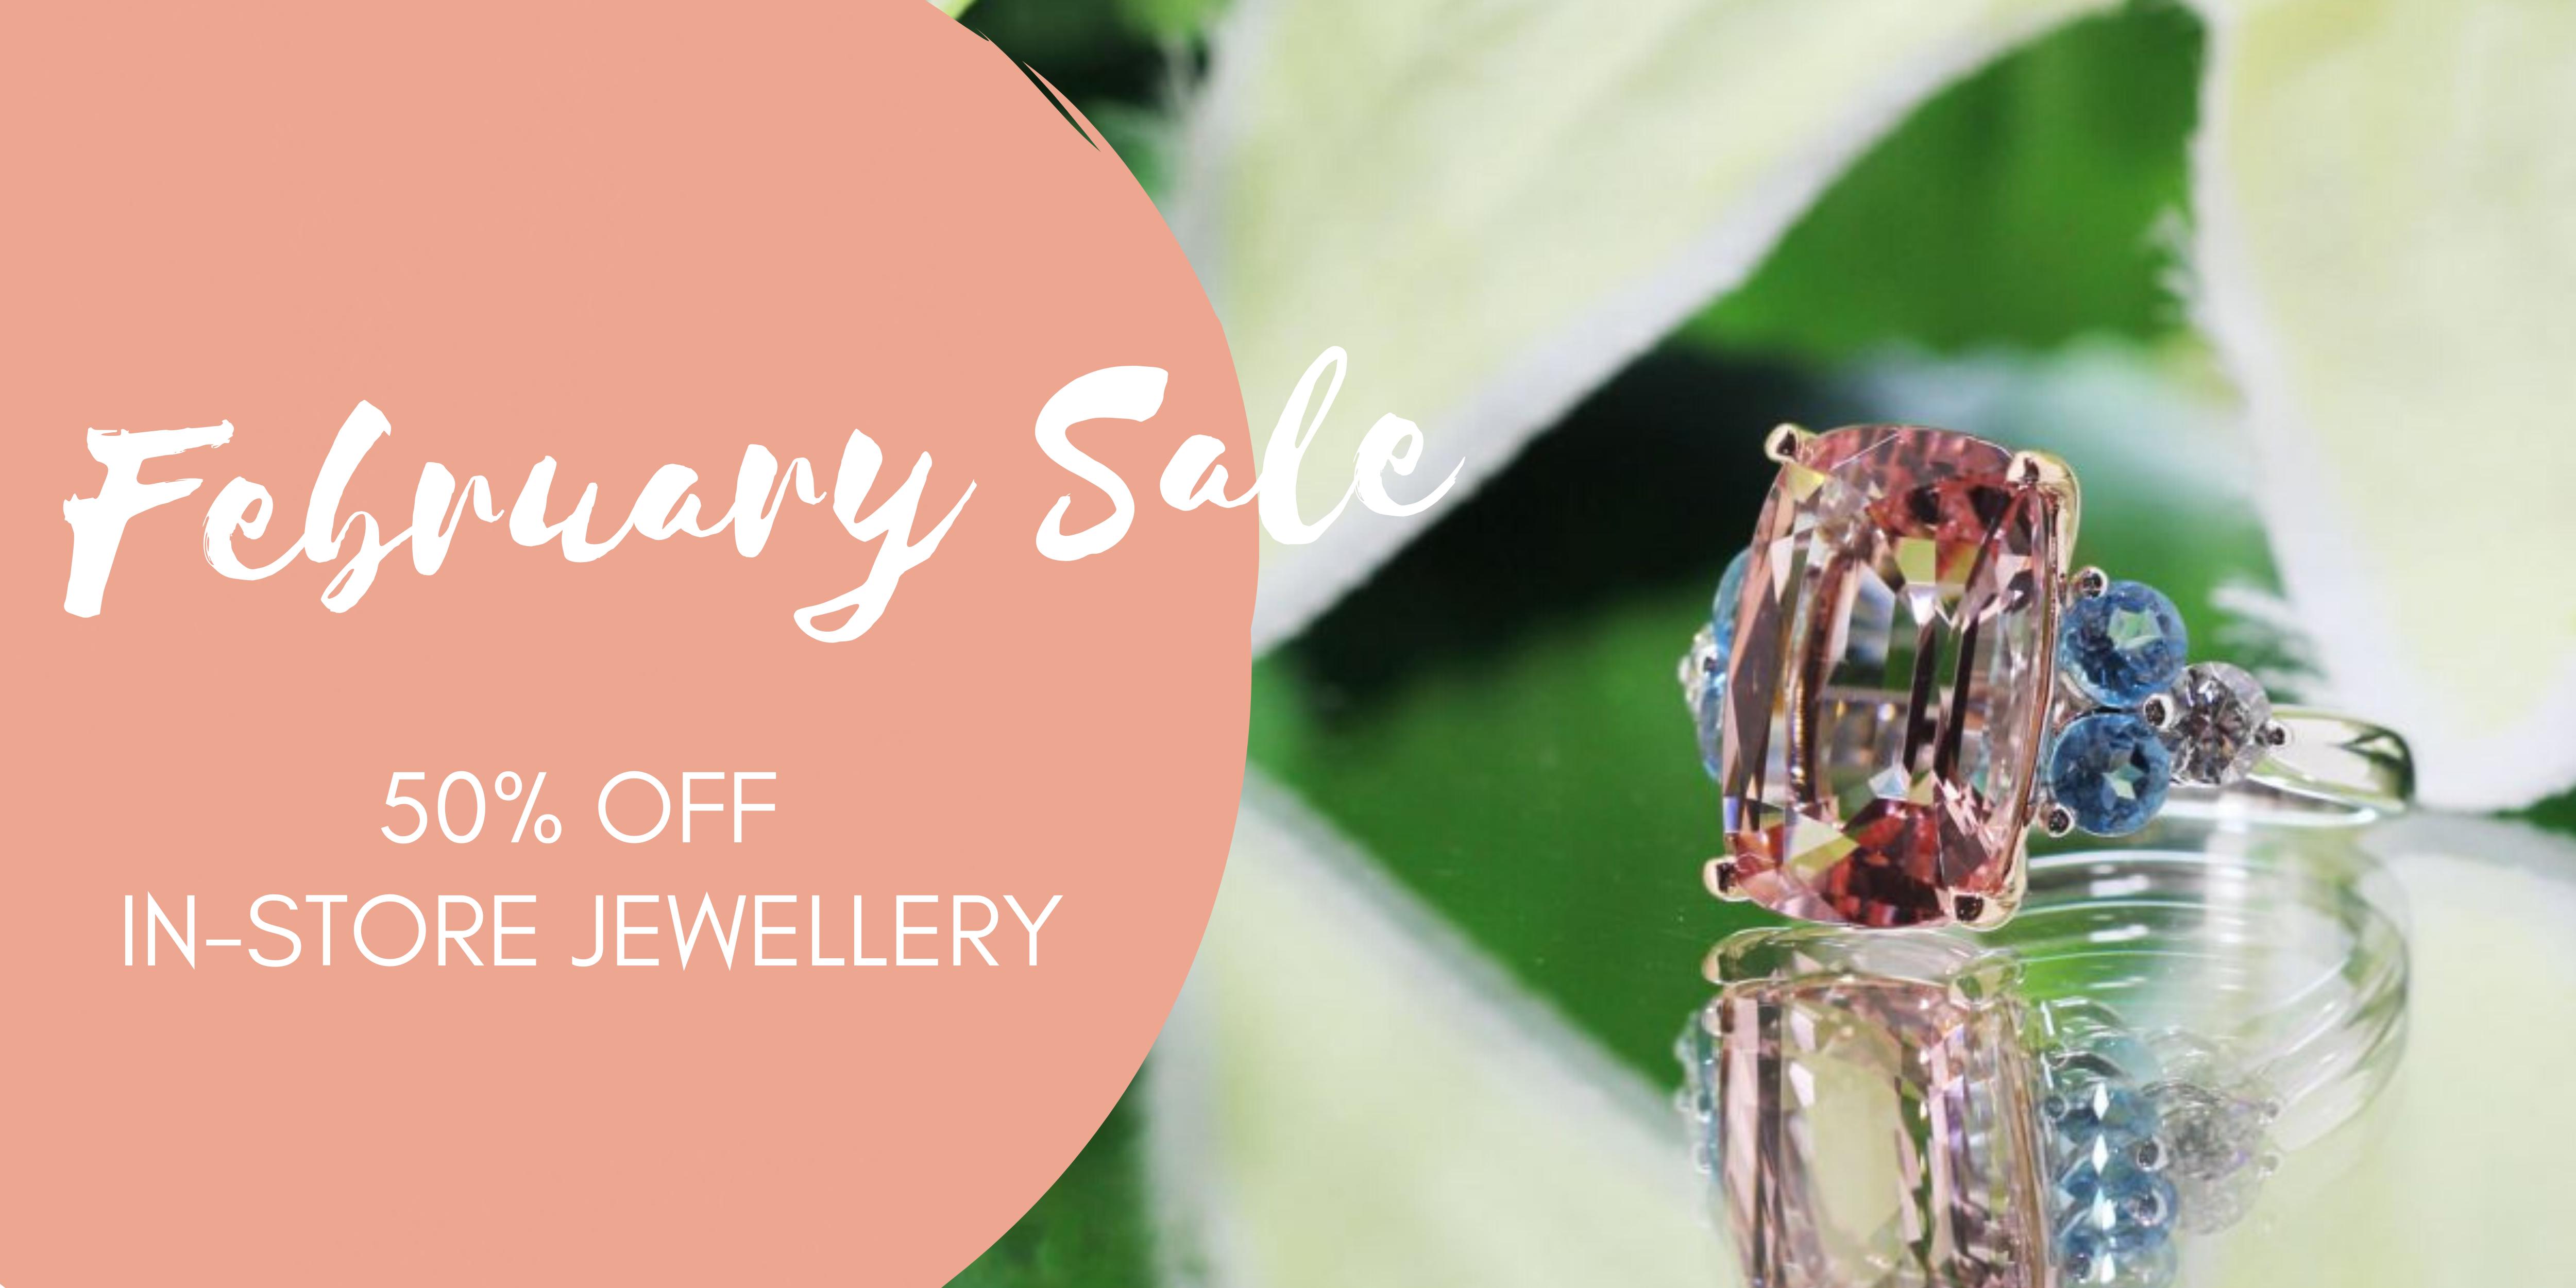 clayfield jewellery 50% off jewellery